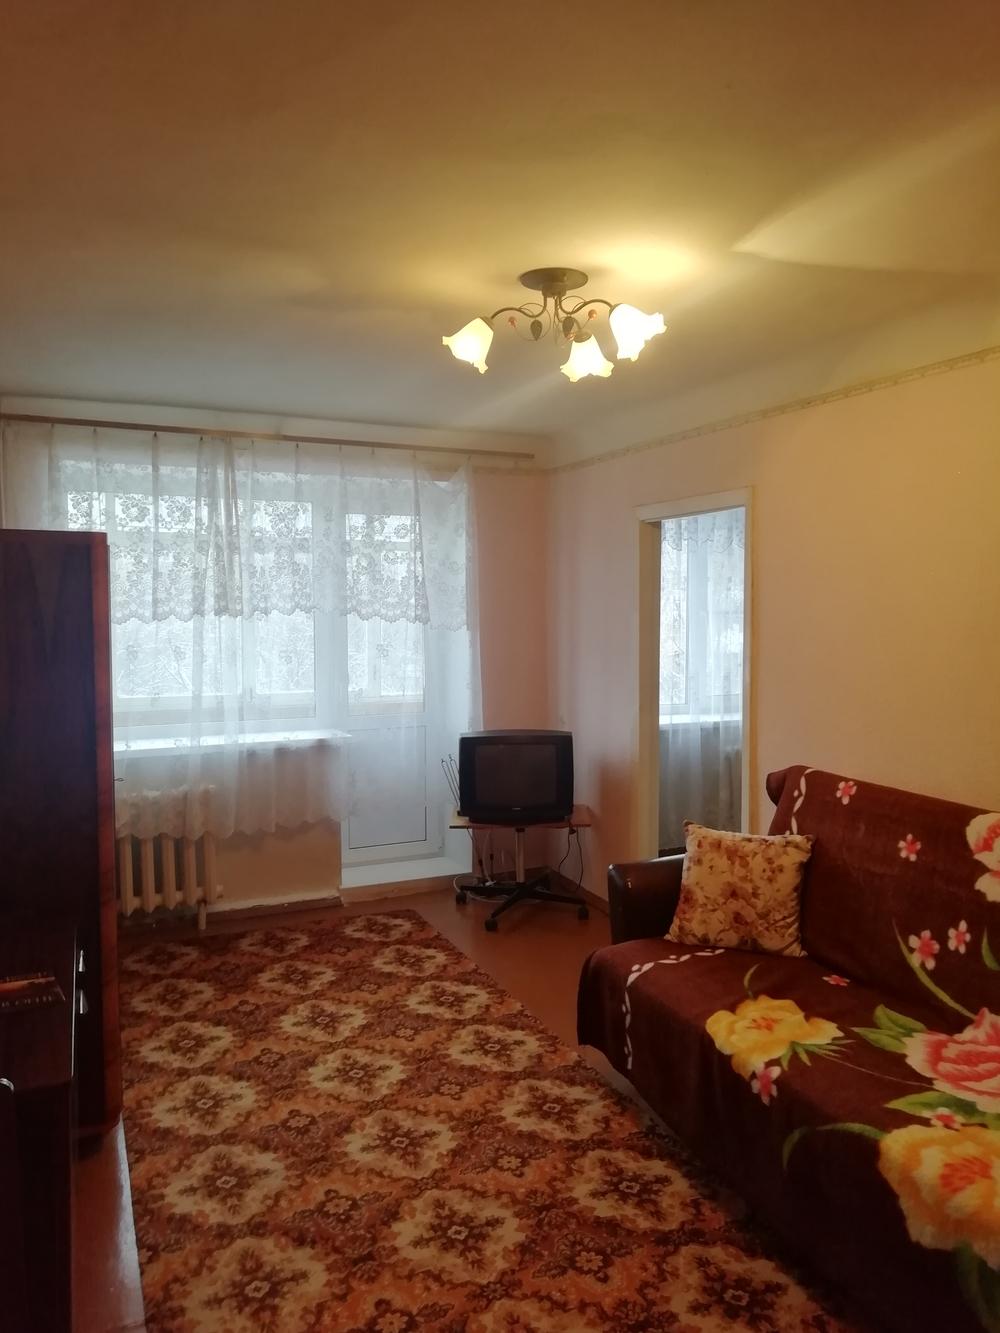 Продам 2-комнатную квартиру в городе Саратов, на улице Шехурдина, 62, 4-этаж 5-этажного  дома, площадь: 43/31/6 м2